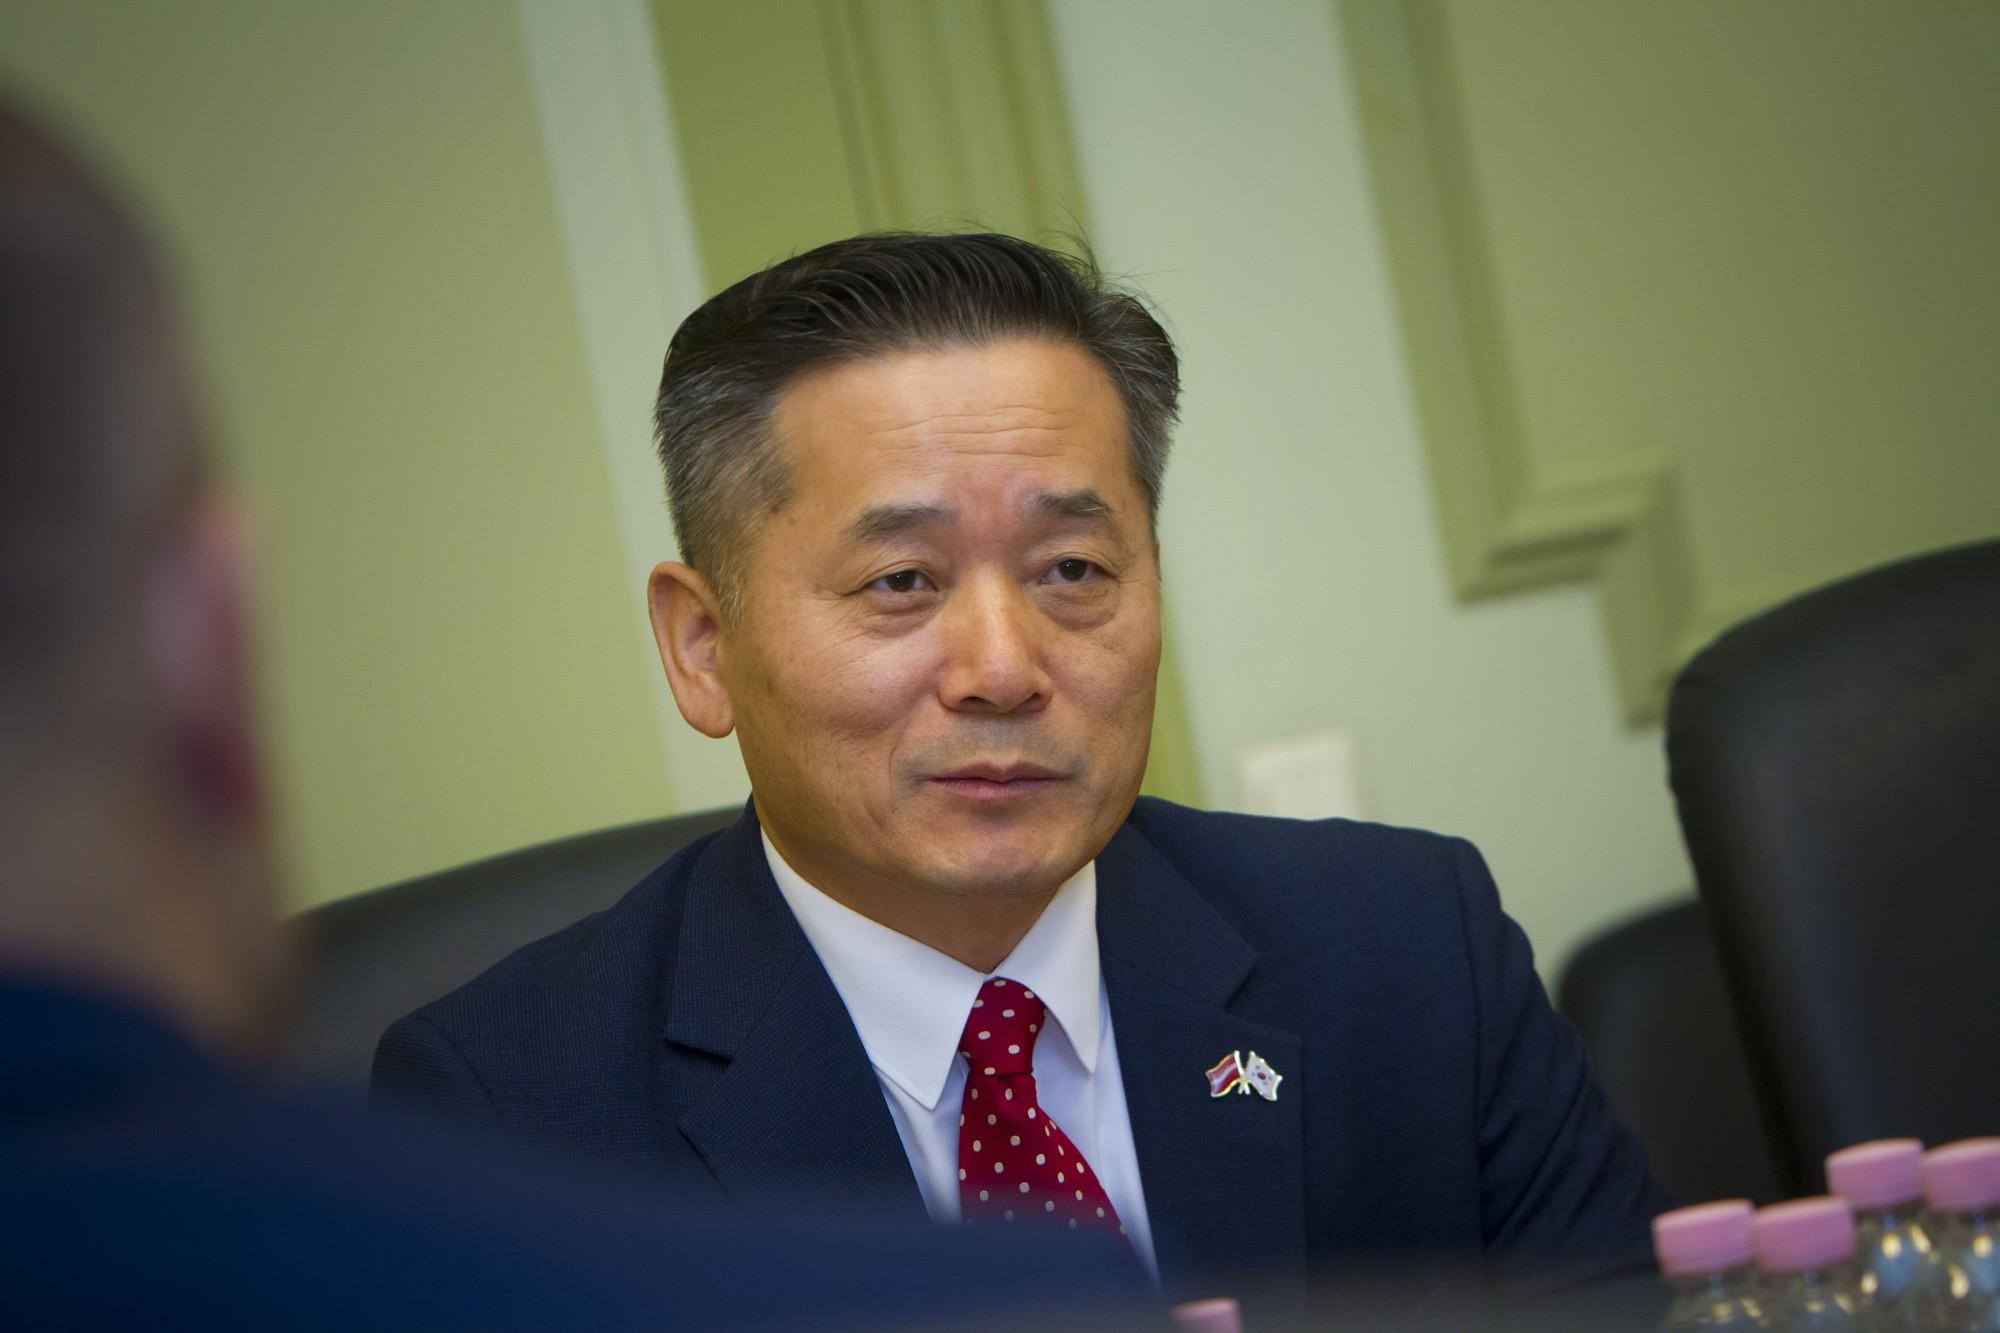 Liepāju darba vizītē apmeklē Korejas vēstnieks Latvijā